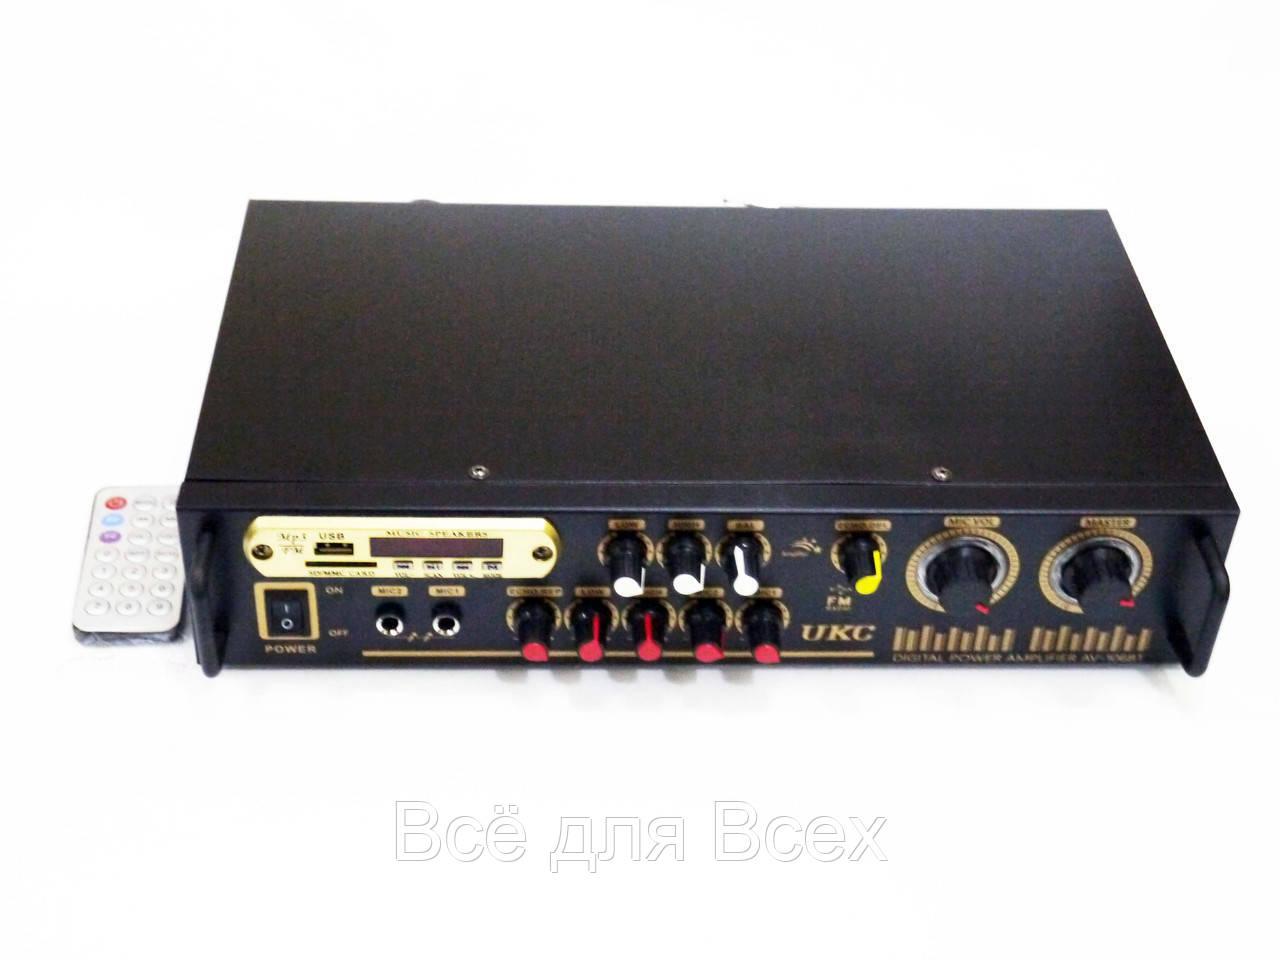 Купить Усилители звука, Усилитель звука UKC AV-106BT Bluetooth USB + караоке 2 микрофона